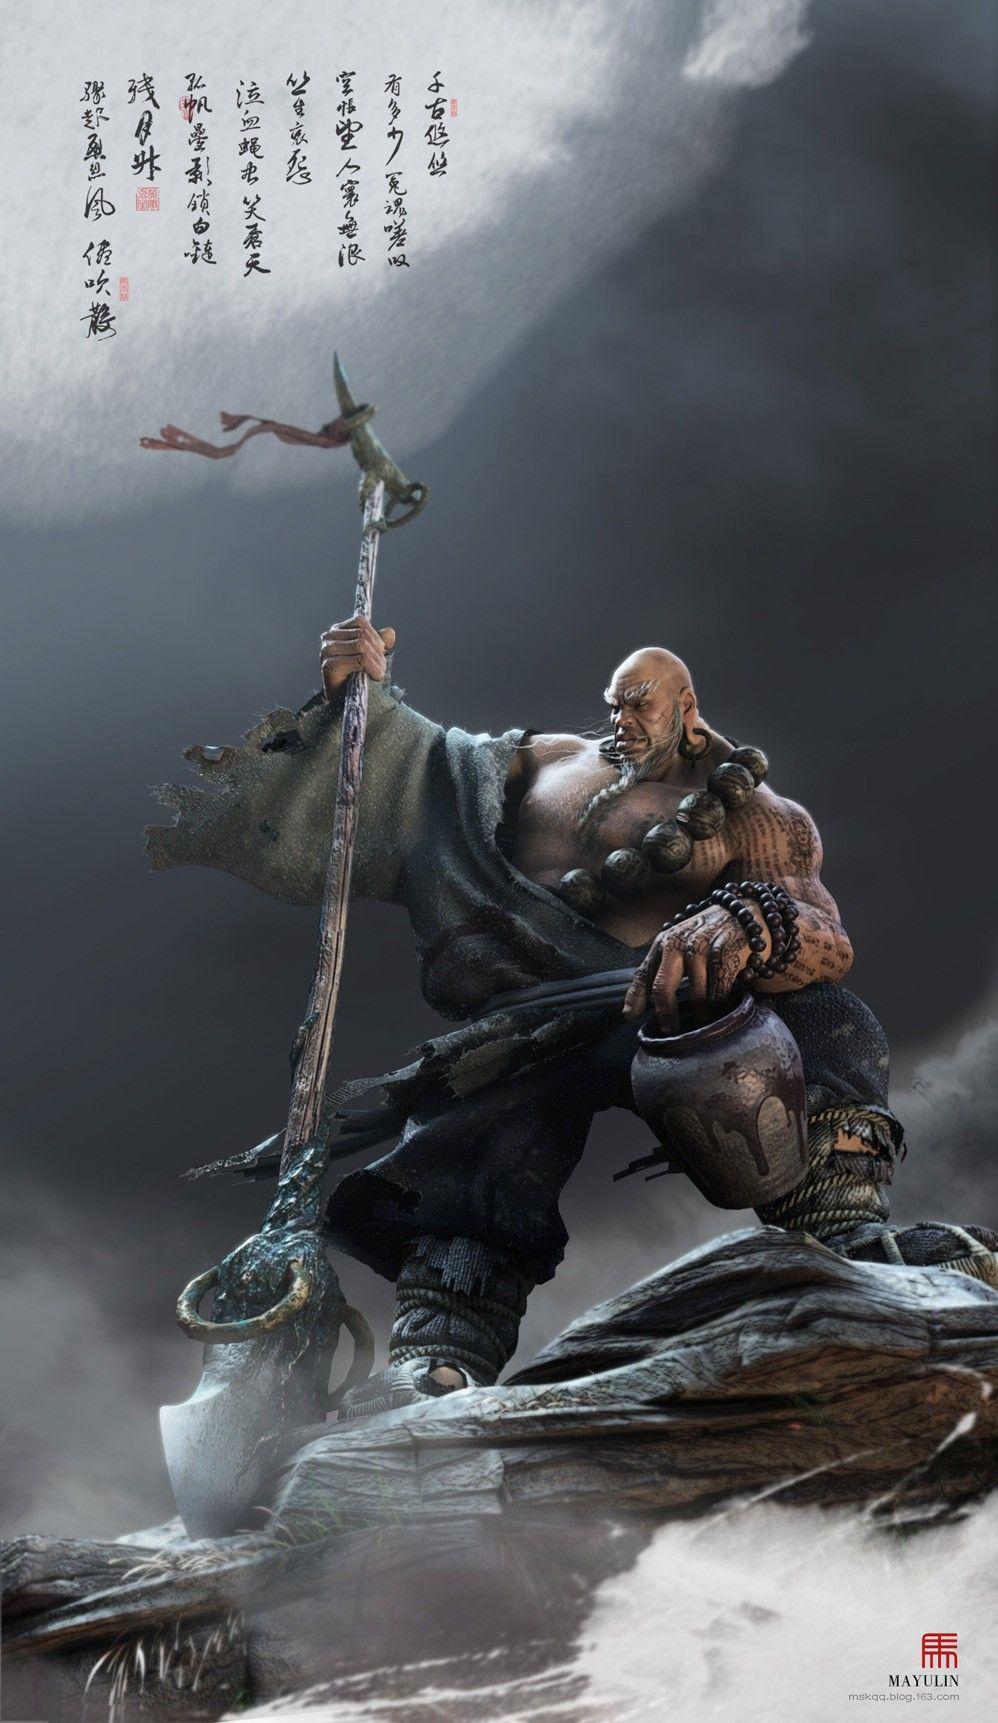 3d Character Powen Warrior Fantasy Art Art Character Art